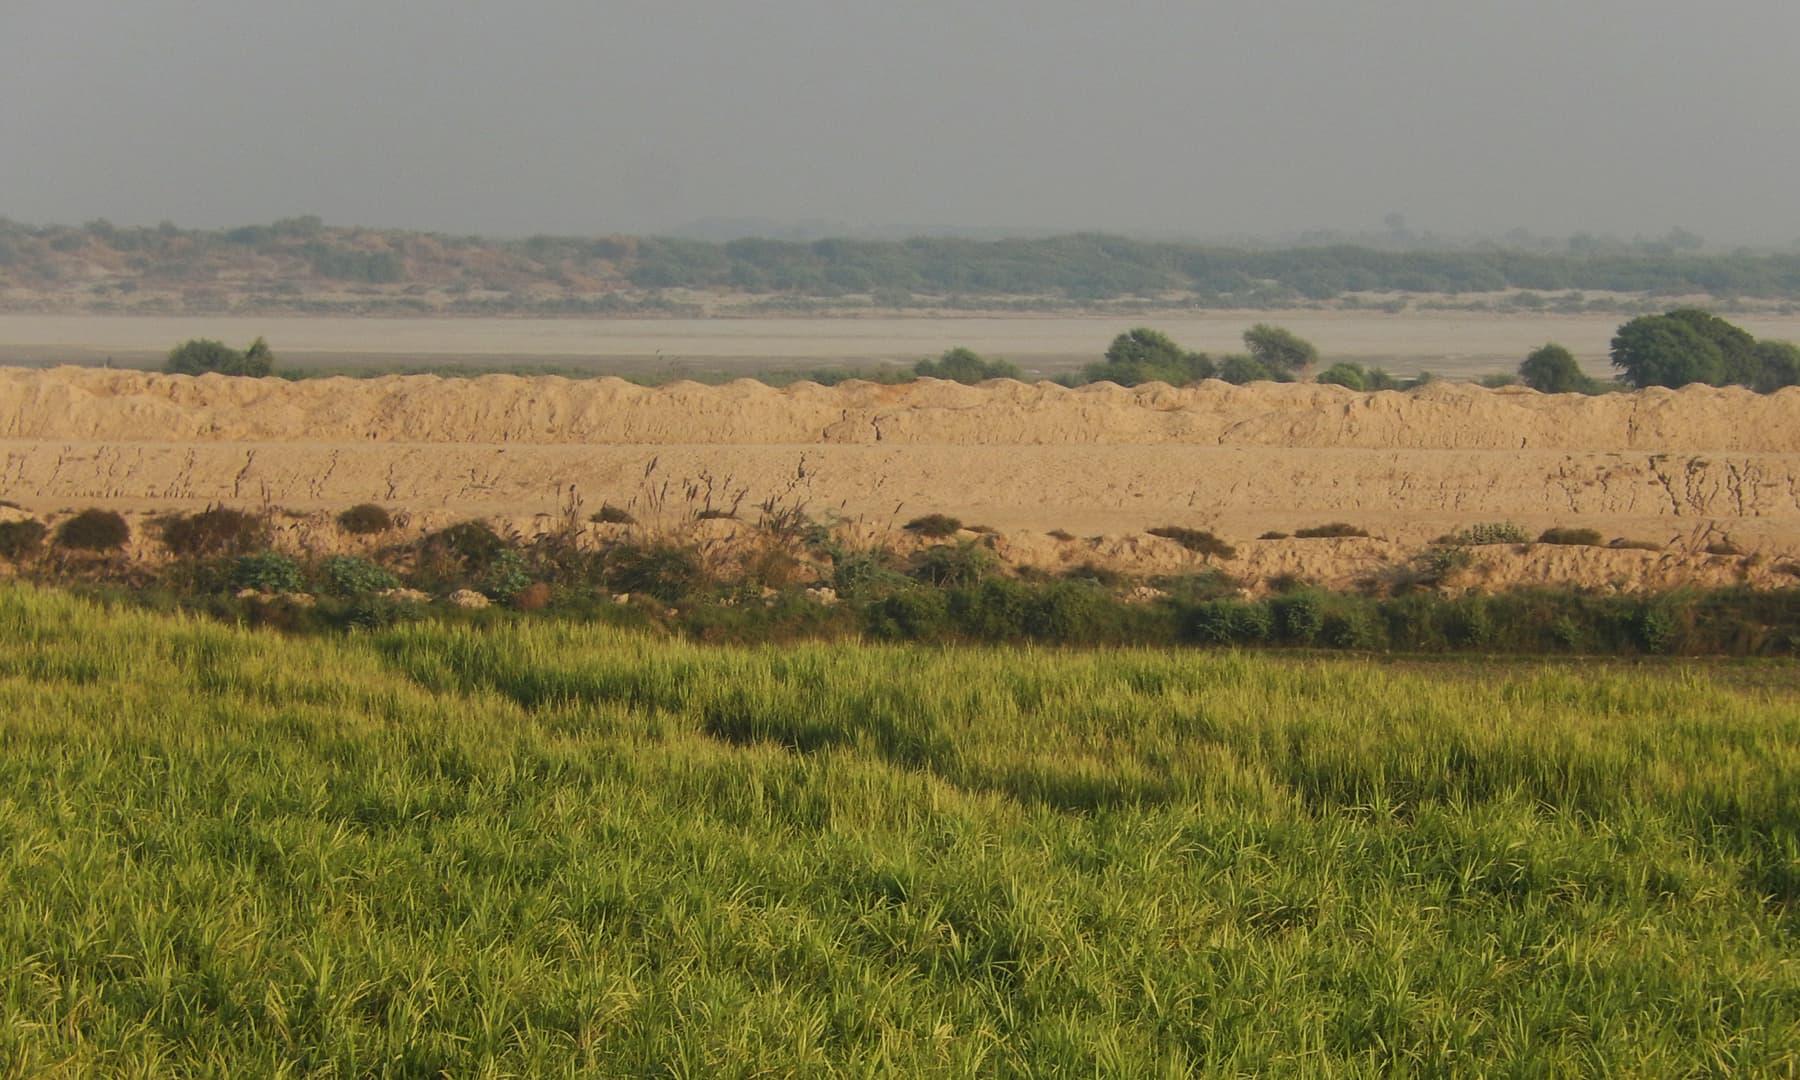 دریائے سندھ کے بہاؤ کا نظارہ  — تصویر ابوبکر شیخ